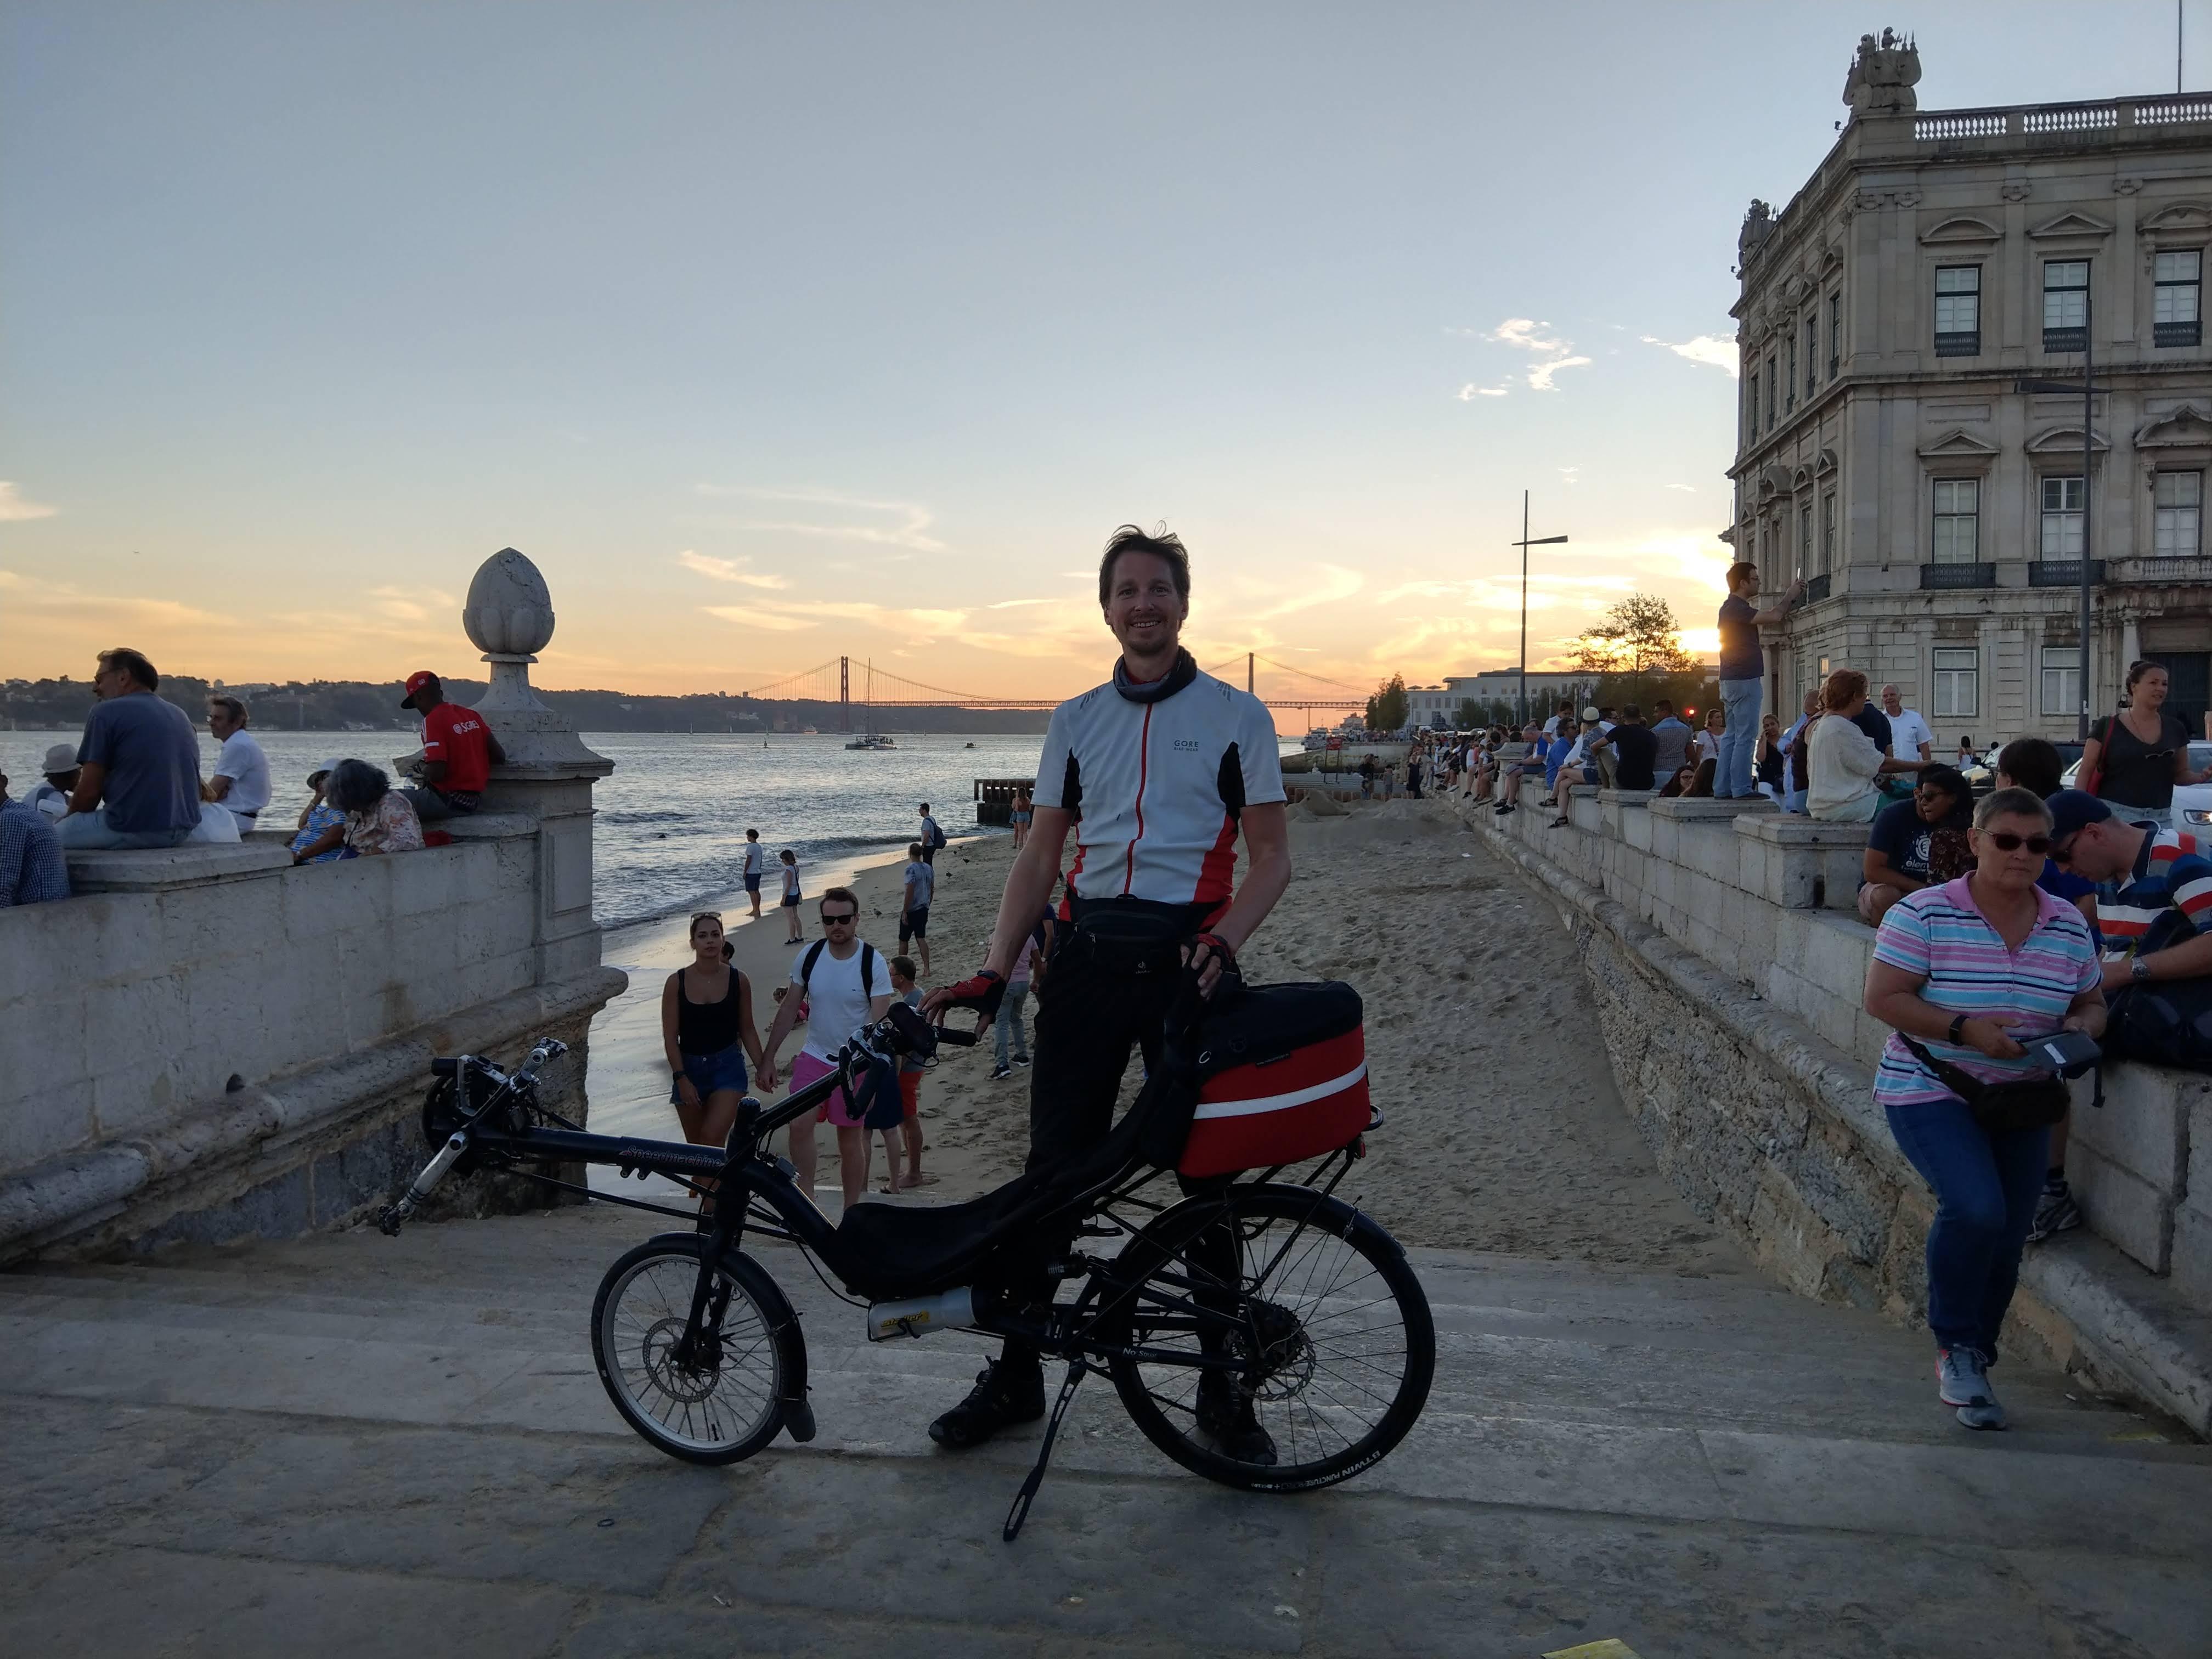 Angekommen in Lissabon